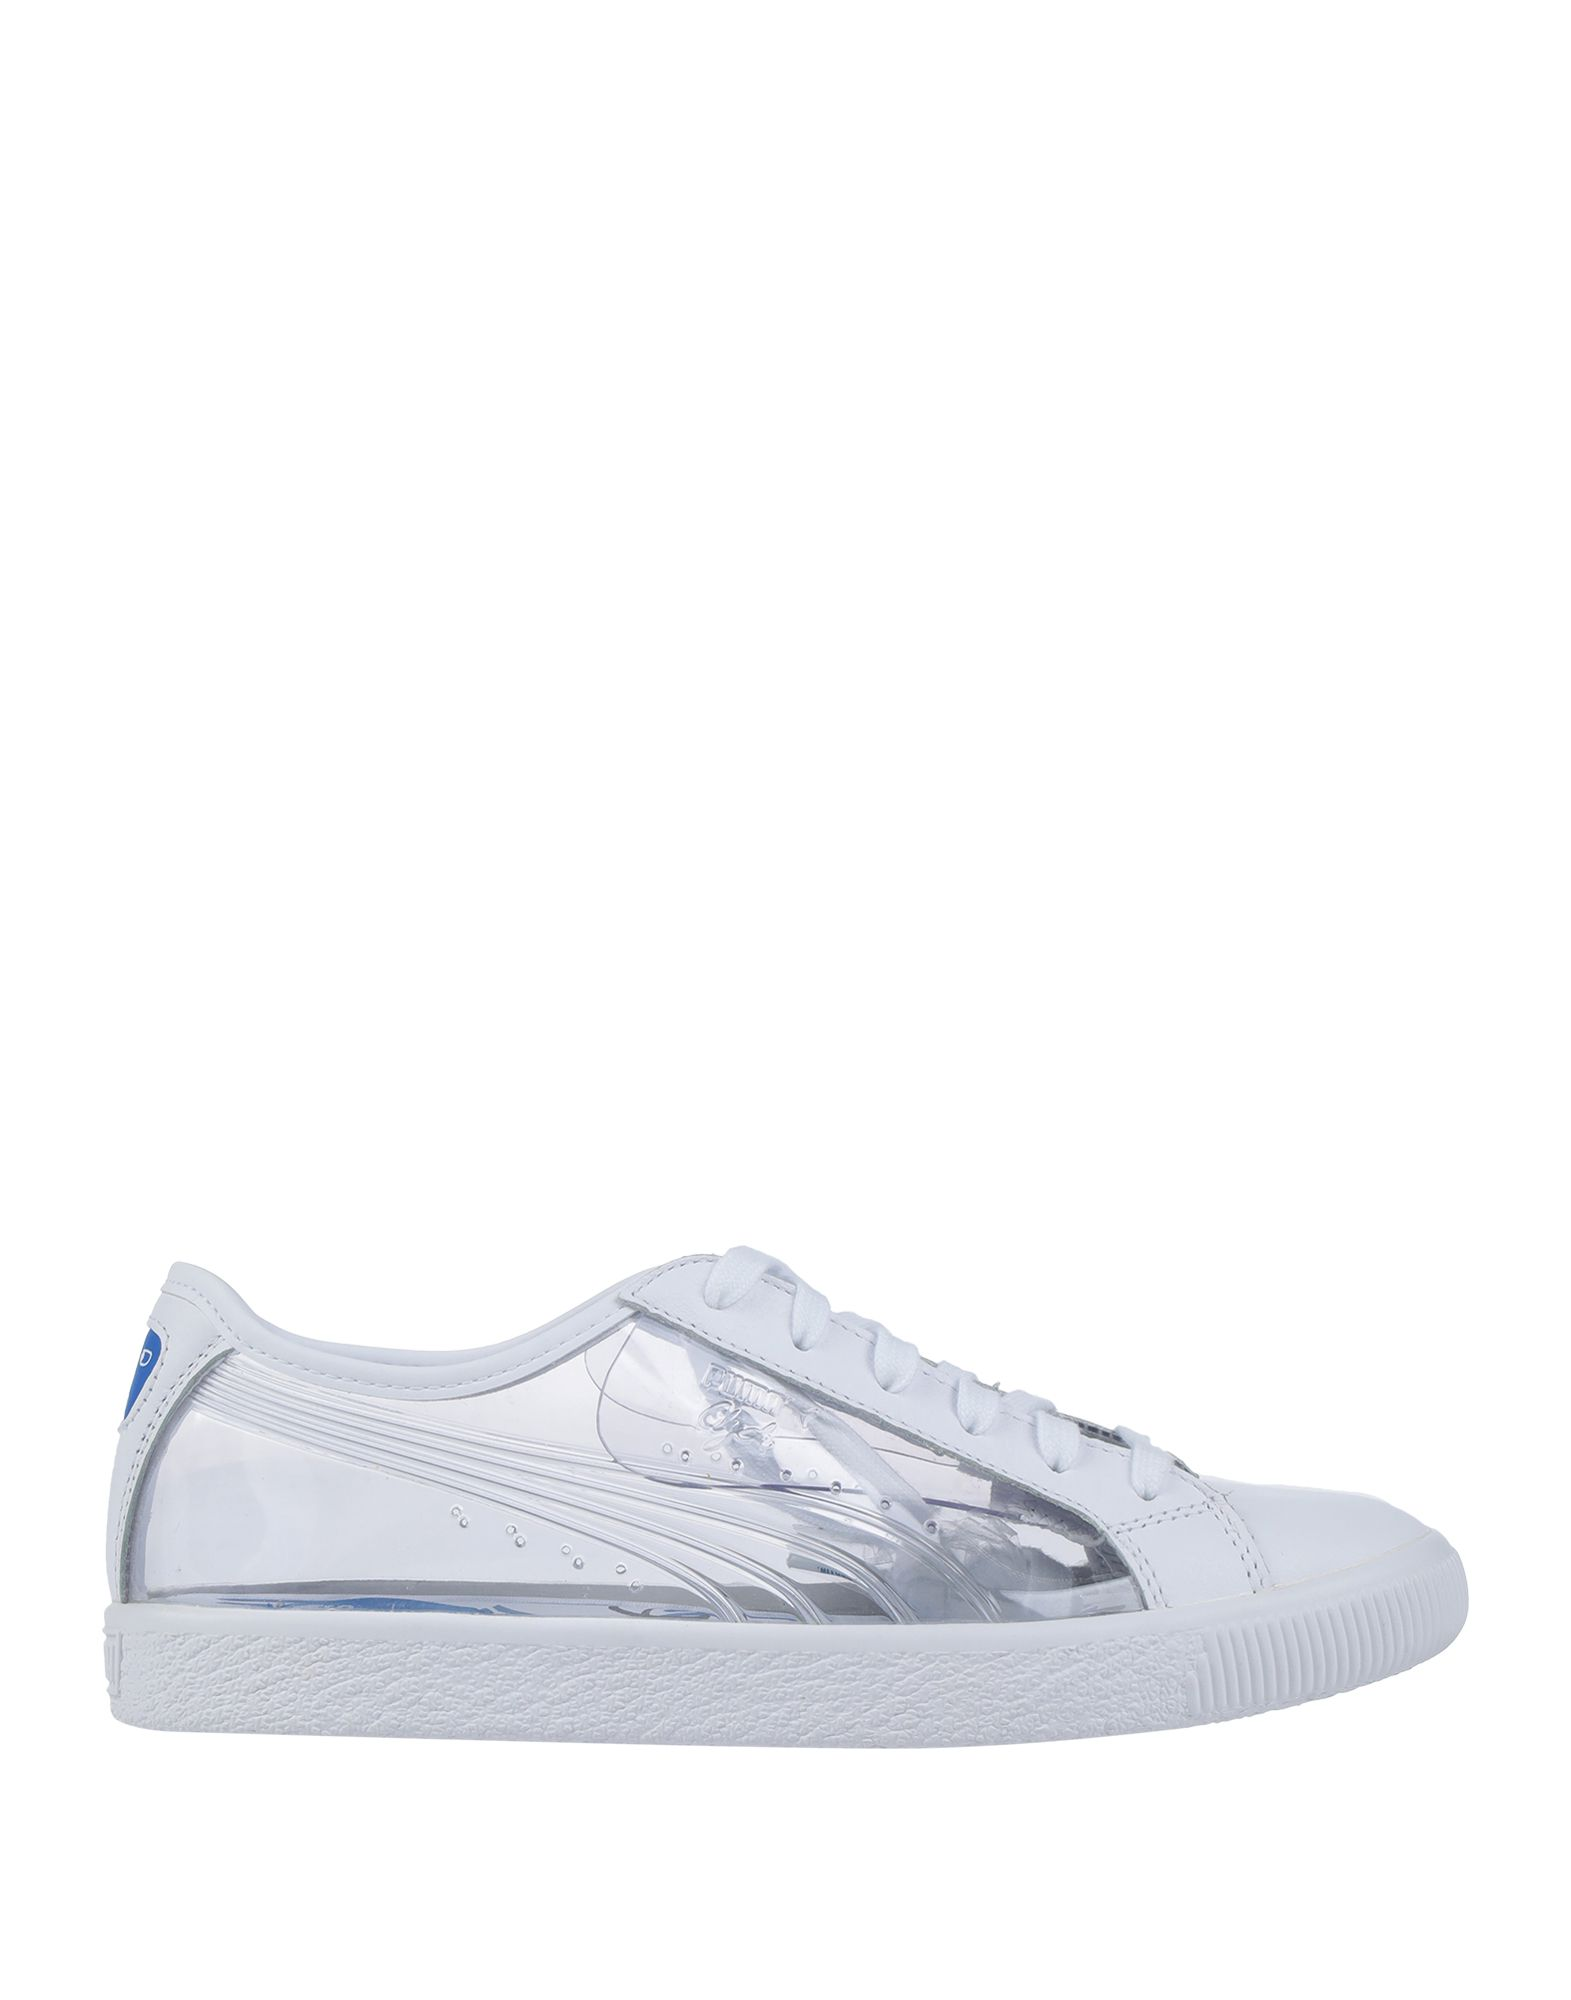 Puma X Shantell Martin Sneakers Shantell - Men Puma X Shantell Sneakers Martin Sneakers online on  Canada - 11559568SL beae0f